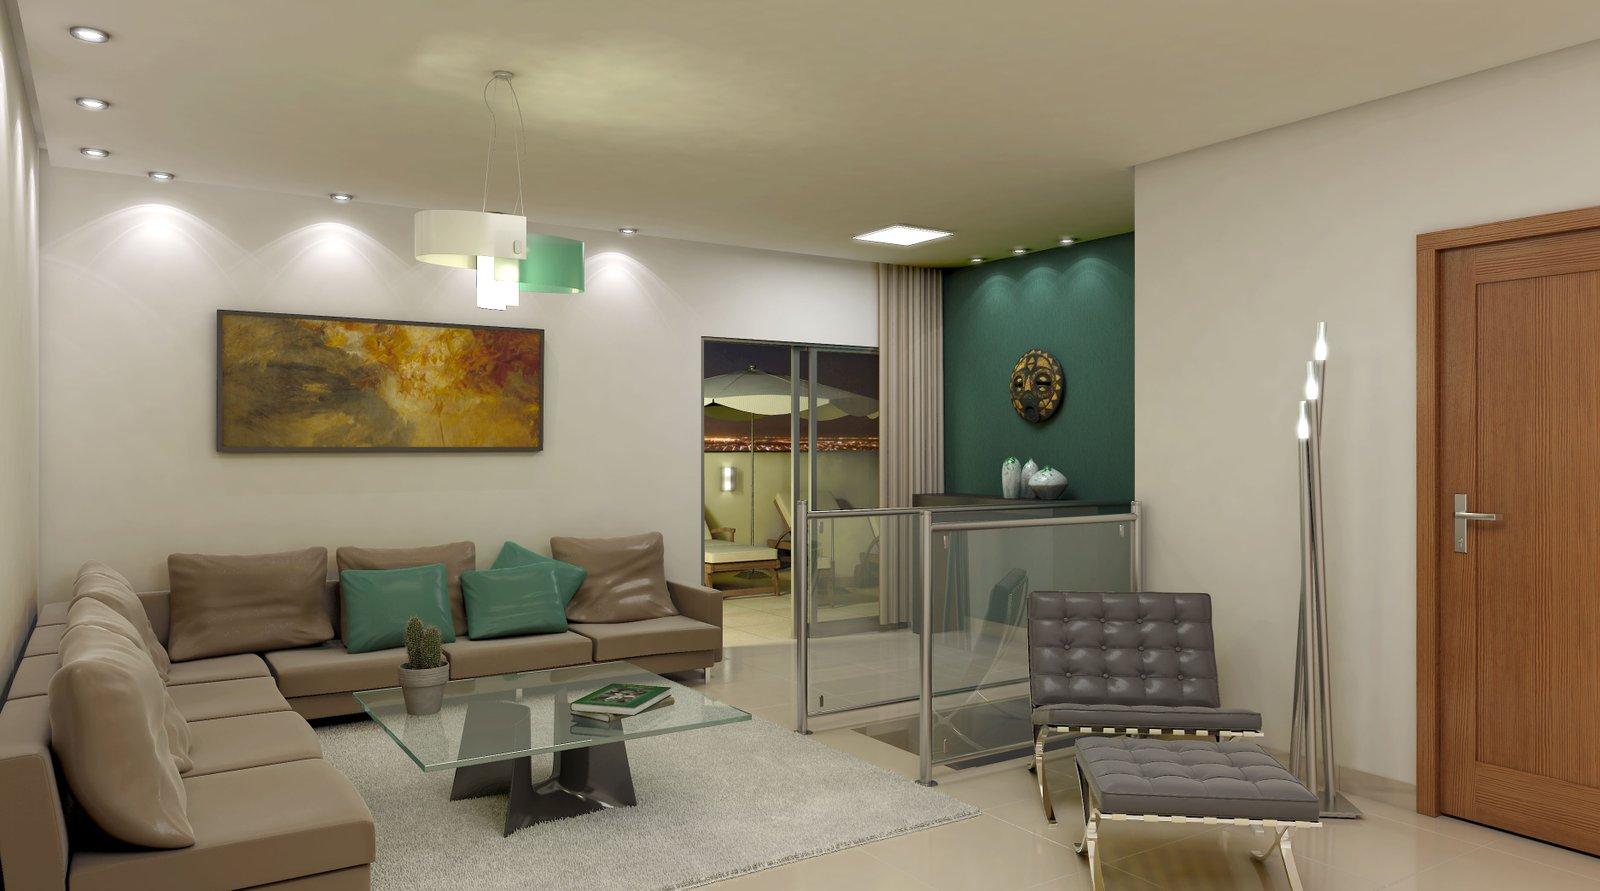 Sala Muito Pequena Decorao Sala Pequena Sala Amarela Decorao De  -> Como Decorar Uma Sala De Estar Muito Pequena